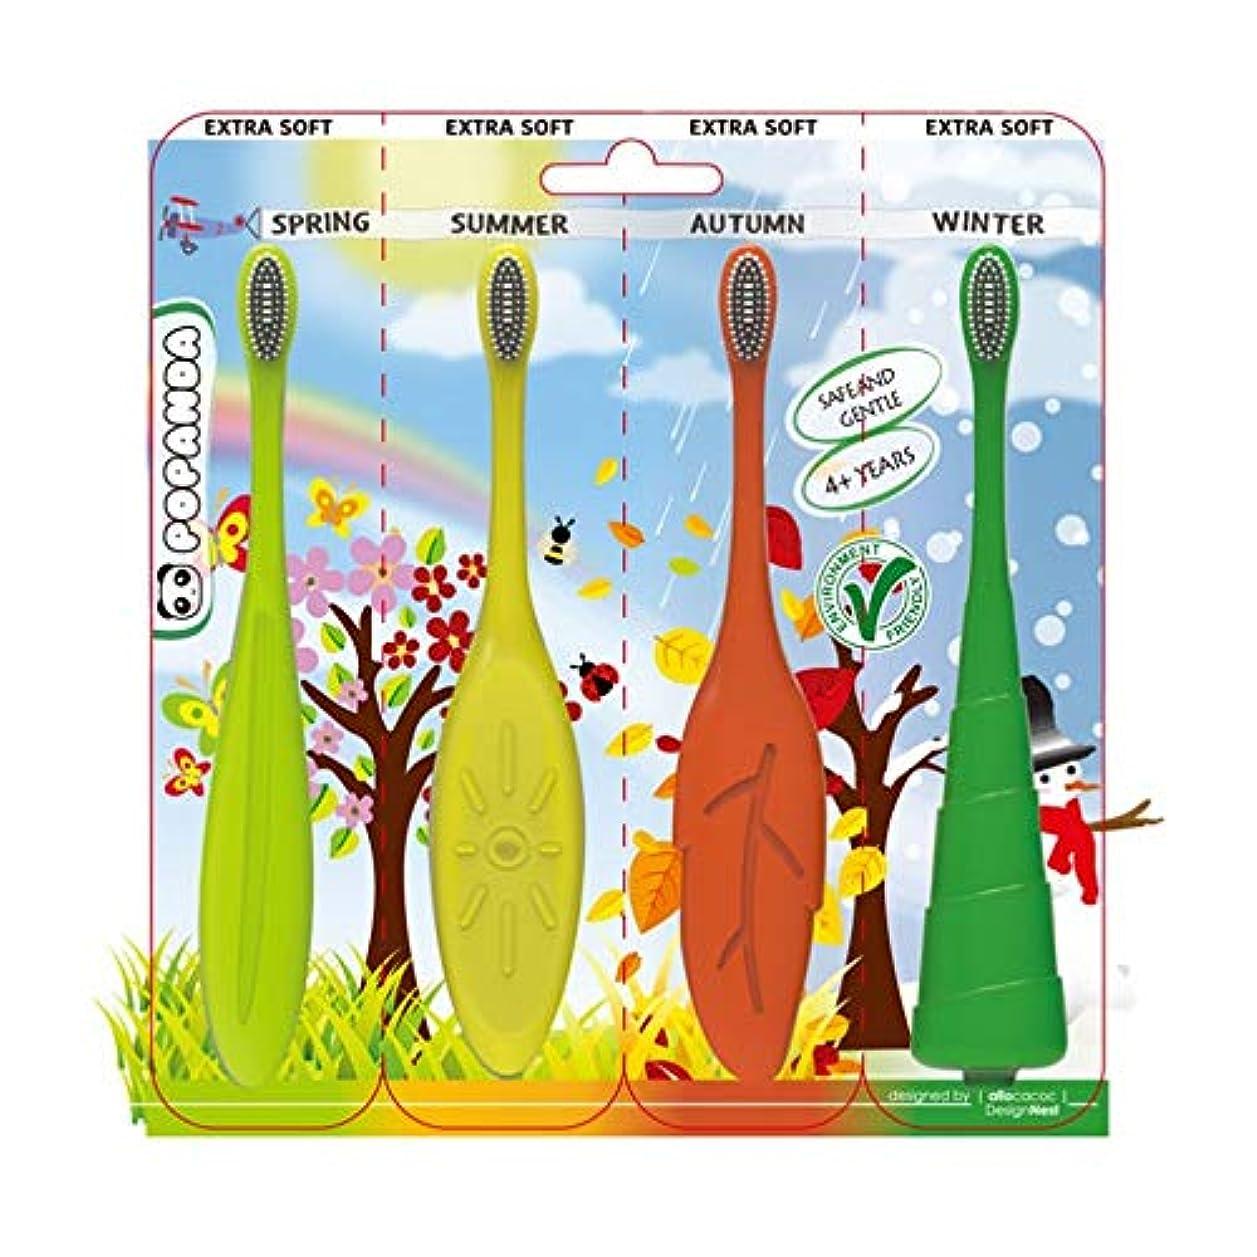 結婚する展開する光電(4個) Baby 幼児 四季 シリコン歯ブラシ Set Baby Kid's Gift Seasonal Silicone Toothbrush 並行輸入